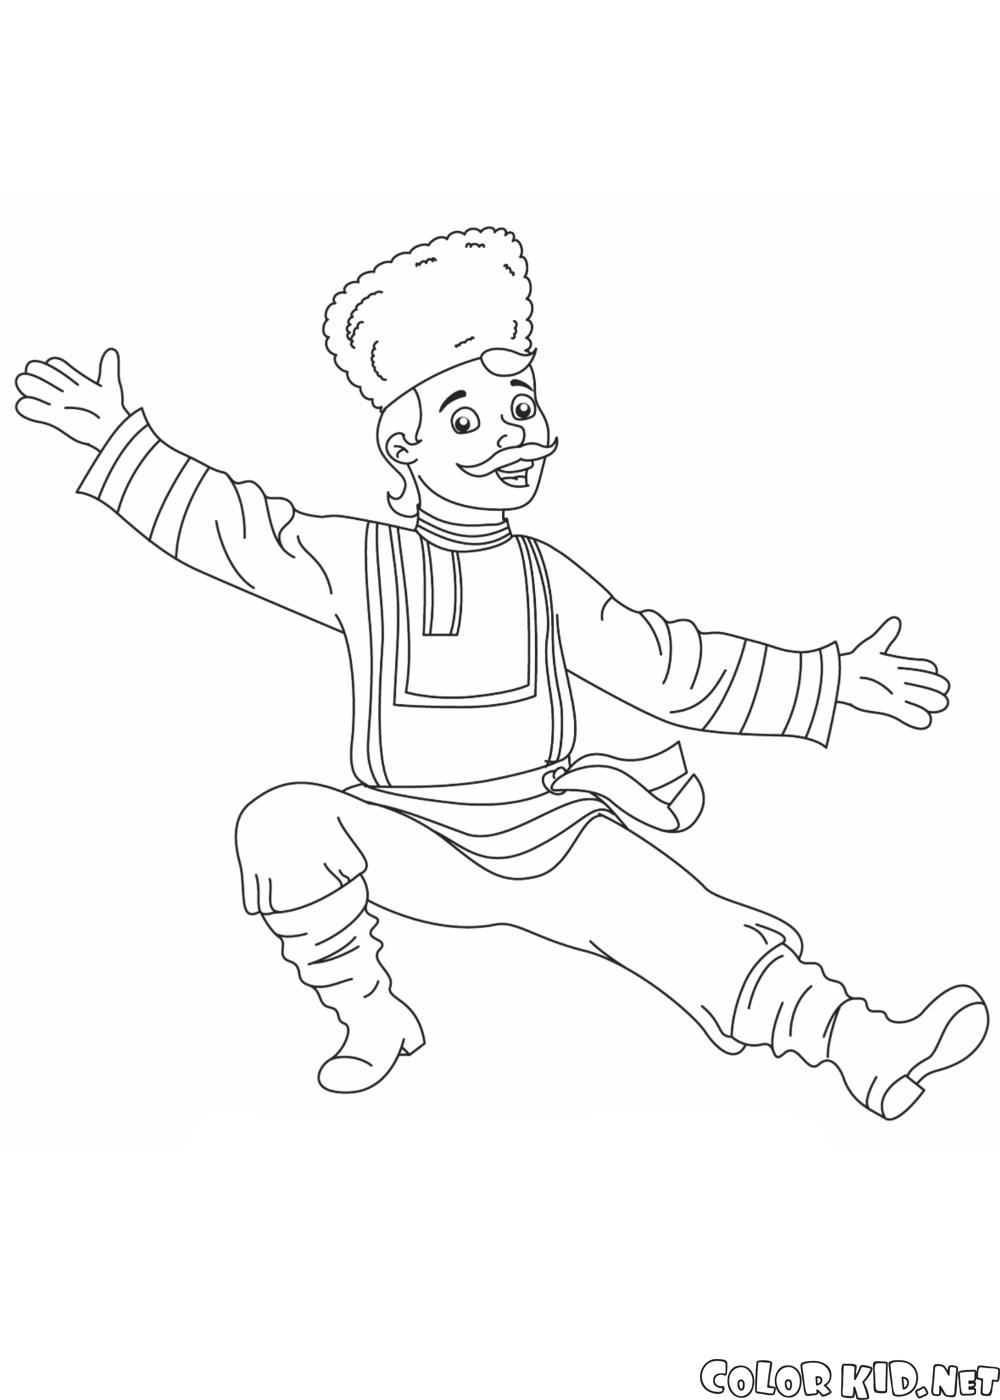 俄羅斯的舞者